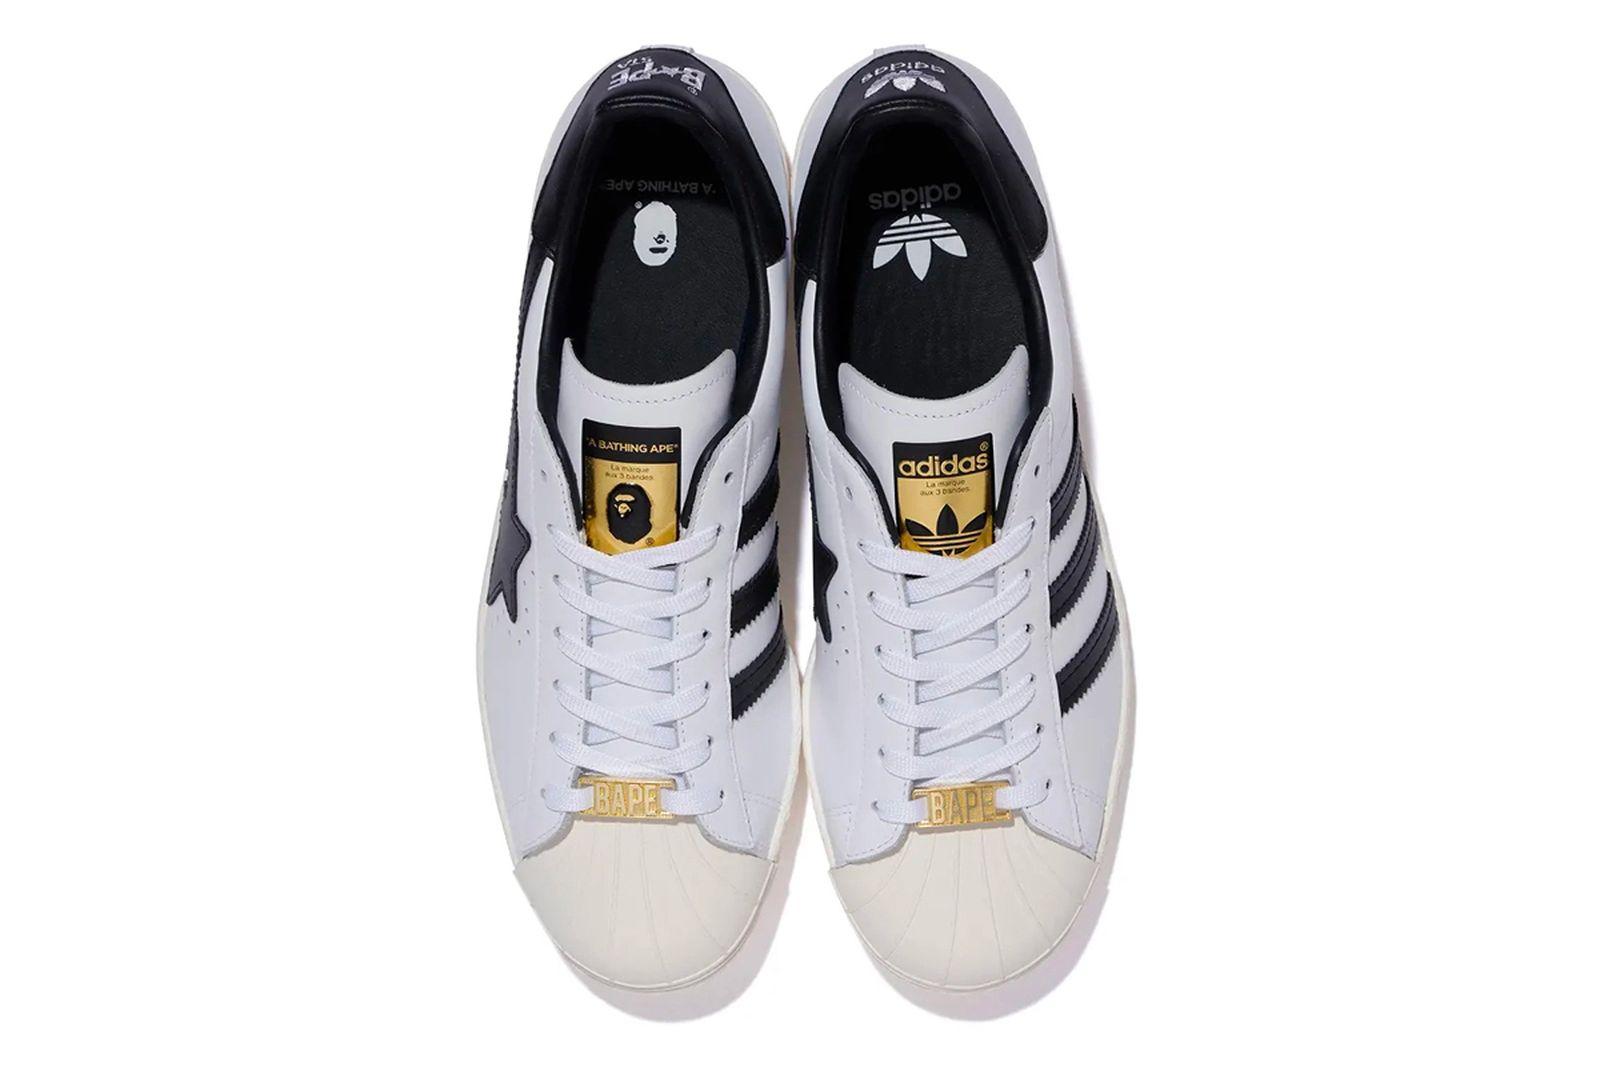 bape-adidas-superstar-2021-release-date-price-03